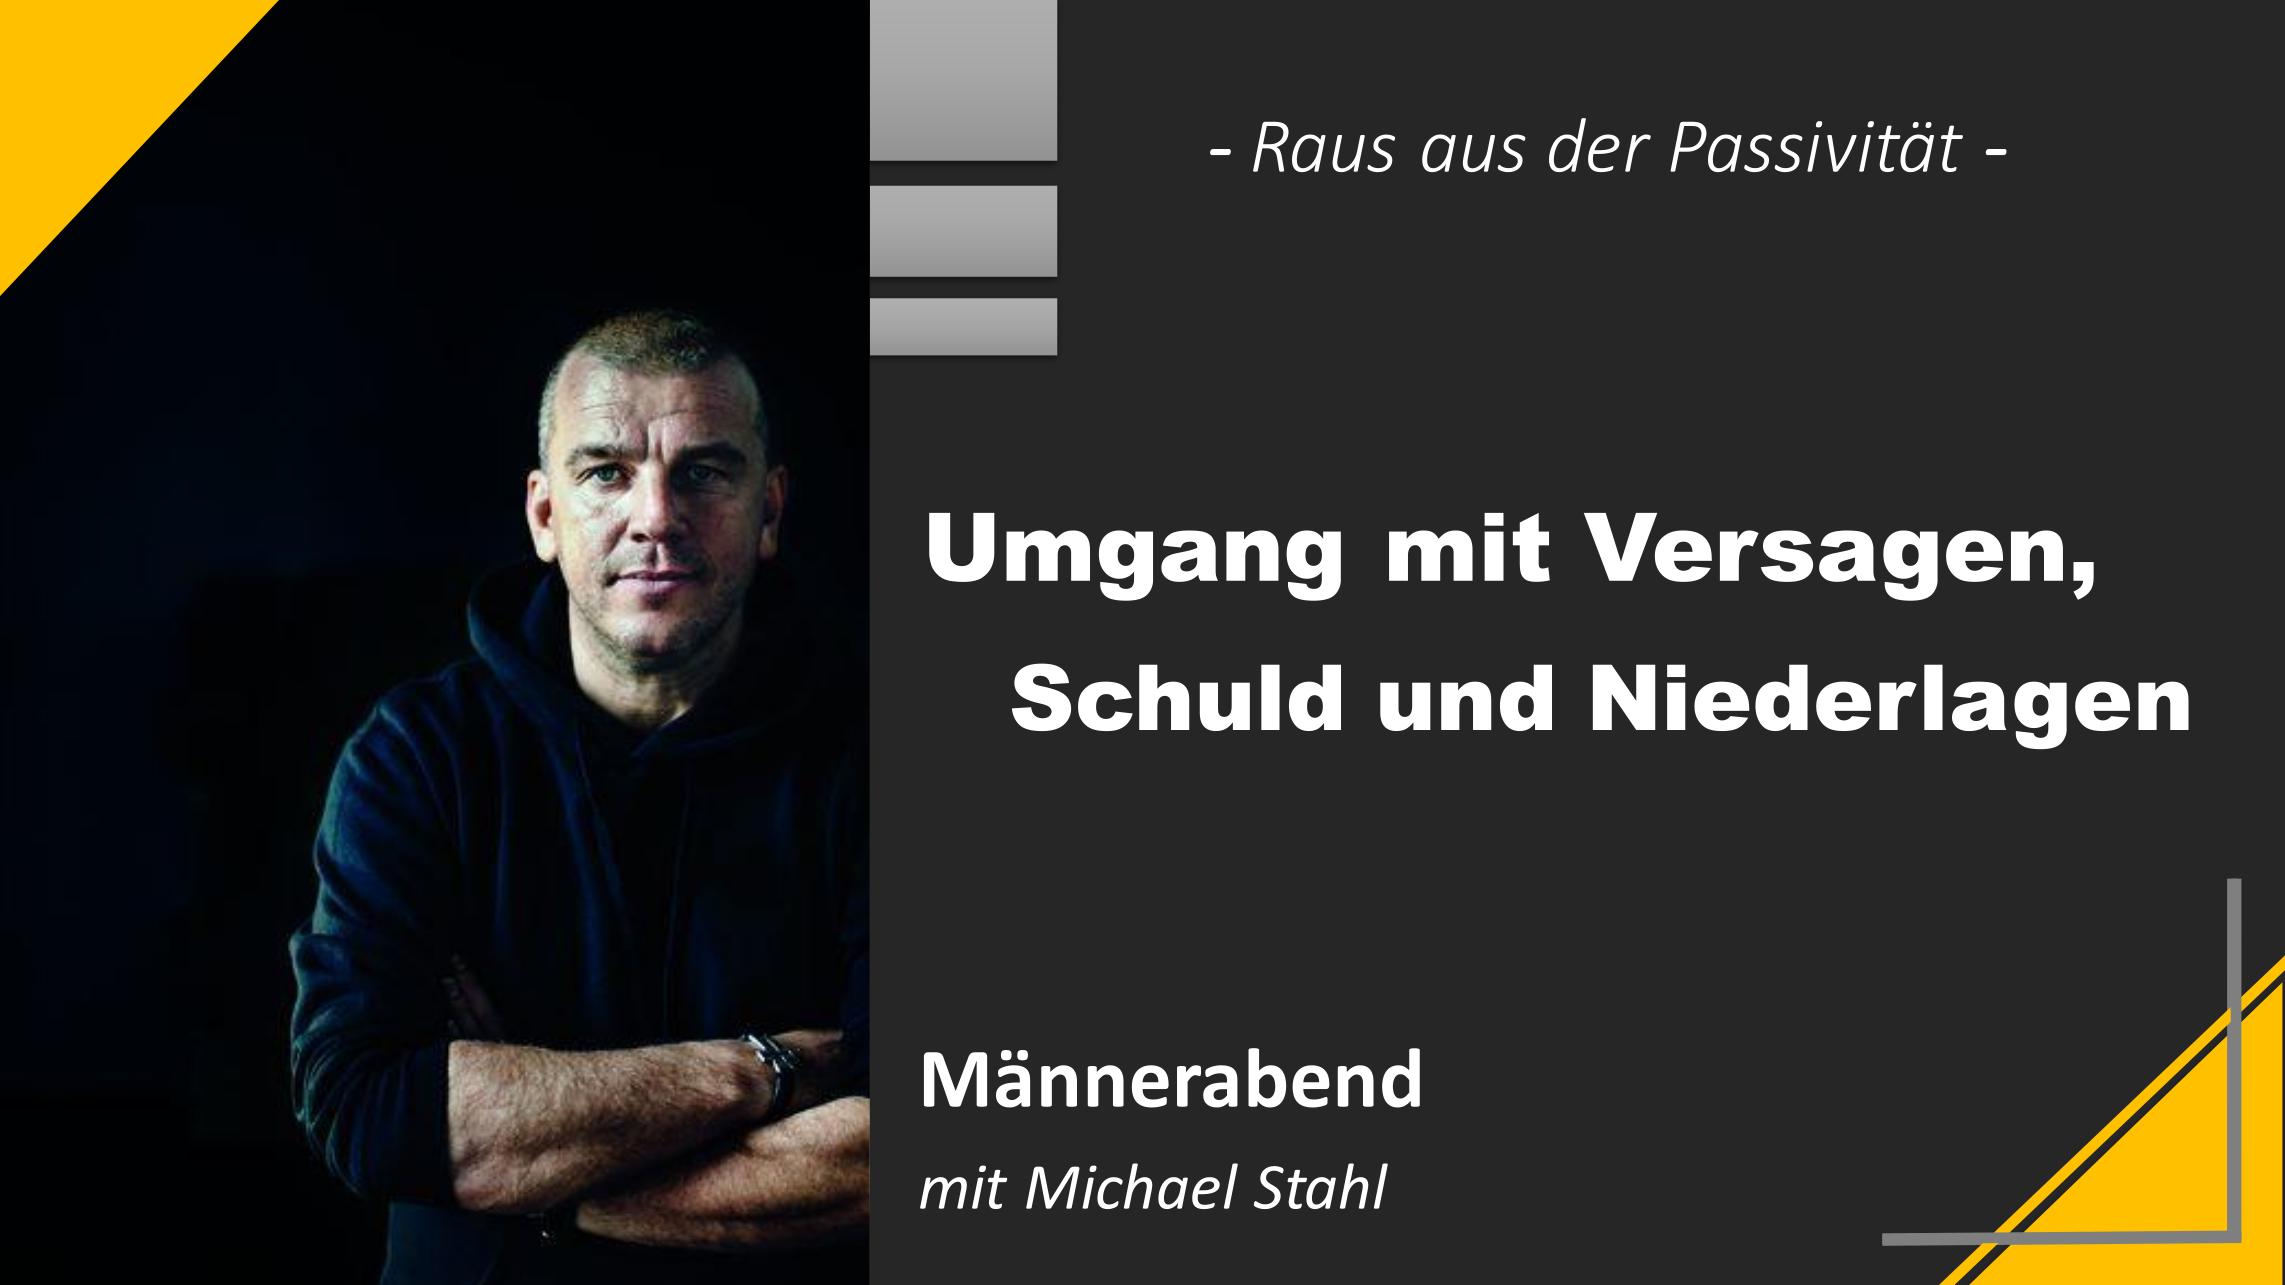 Männerabend mit Michael Stahl